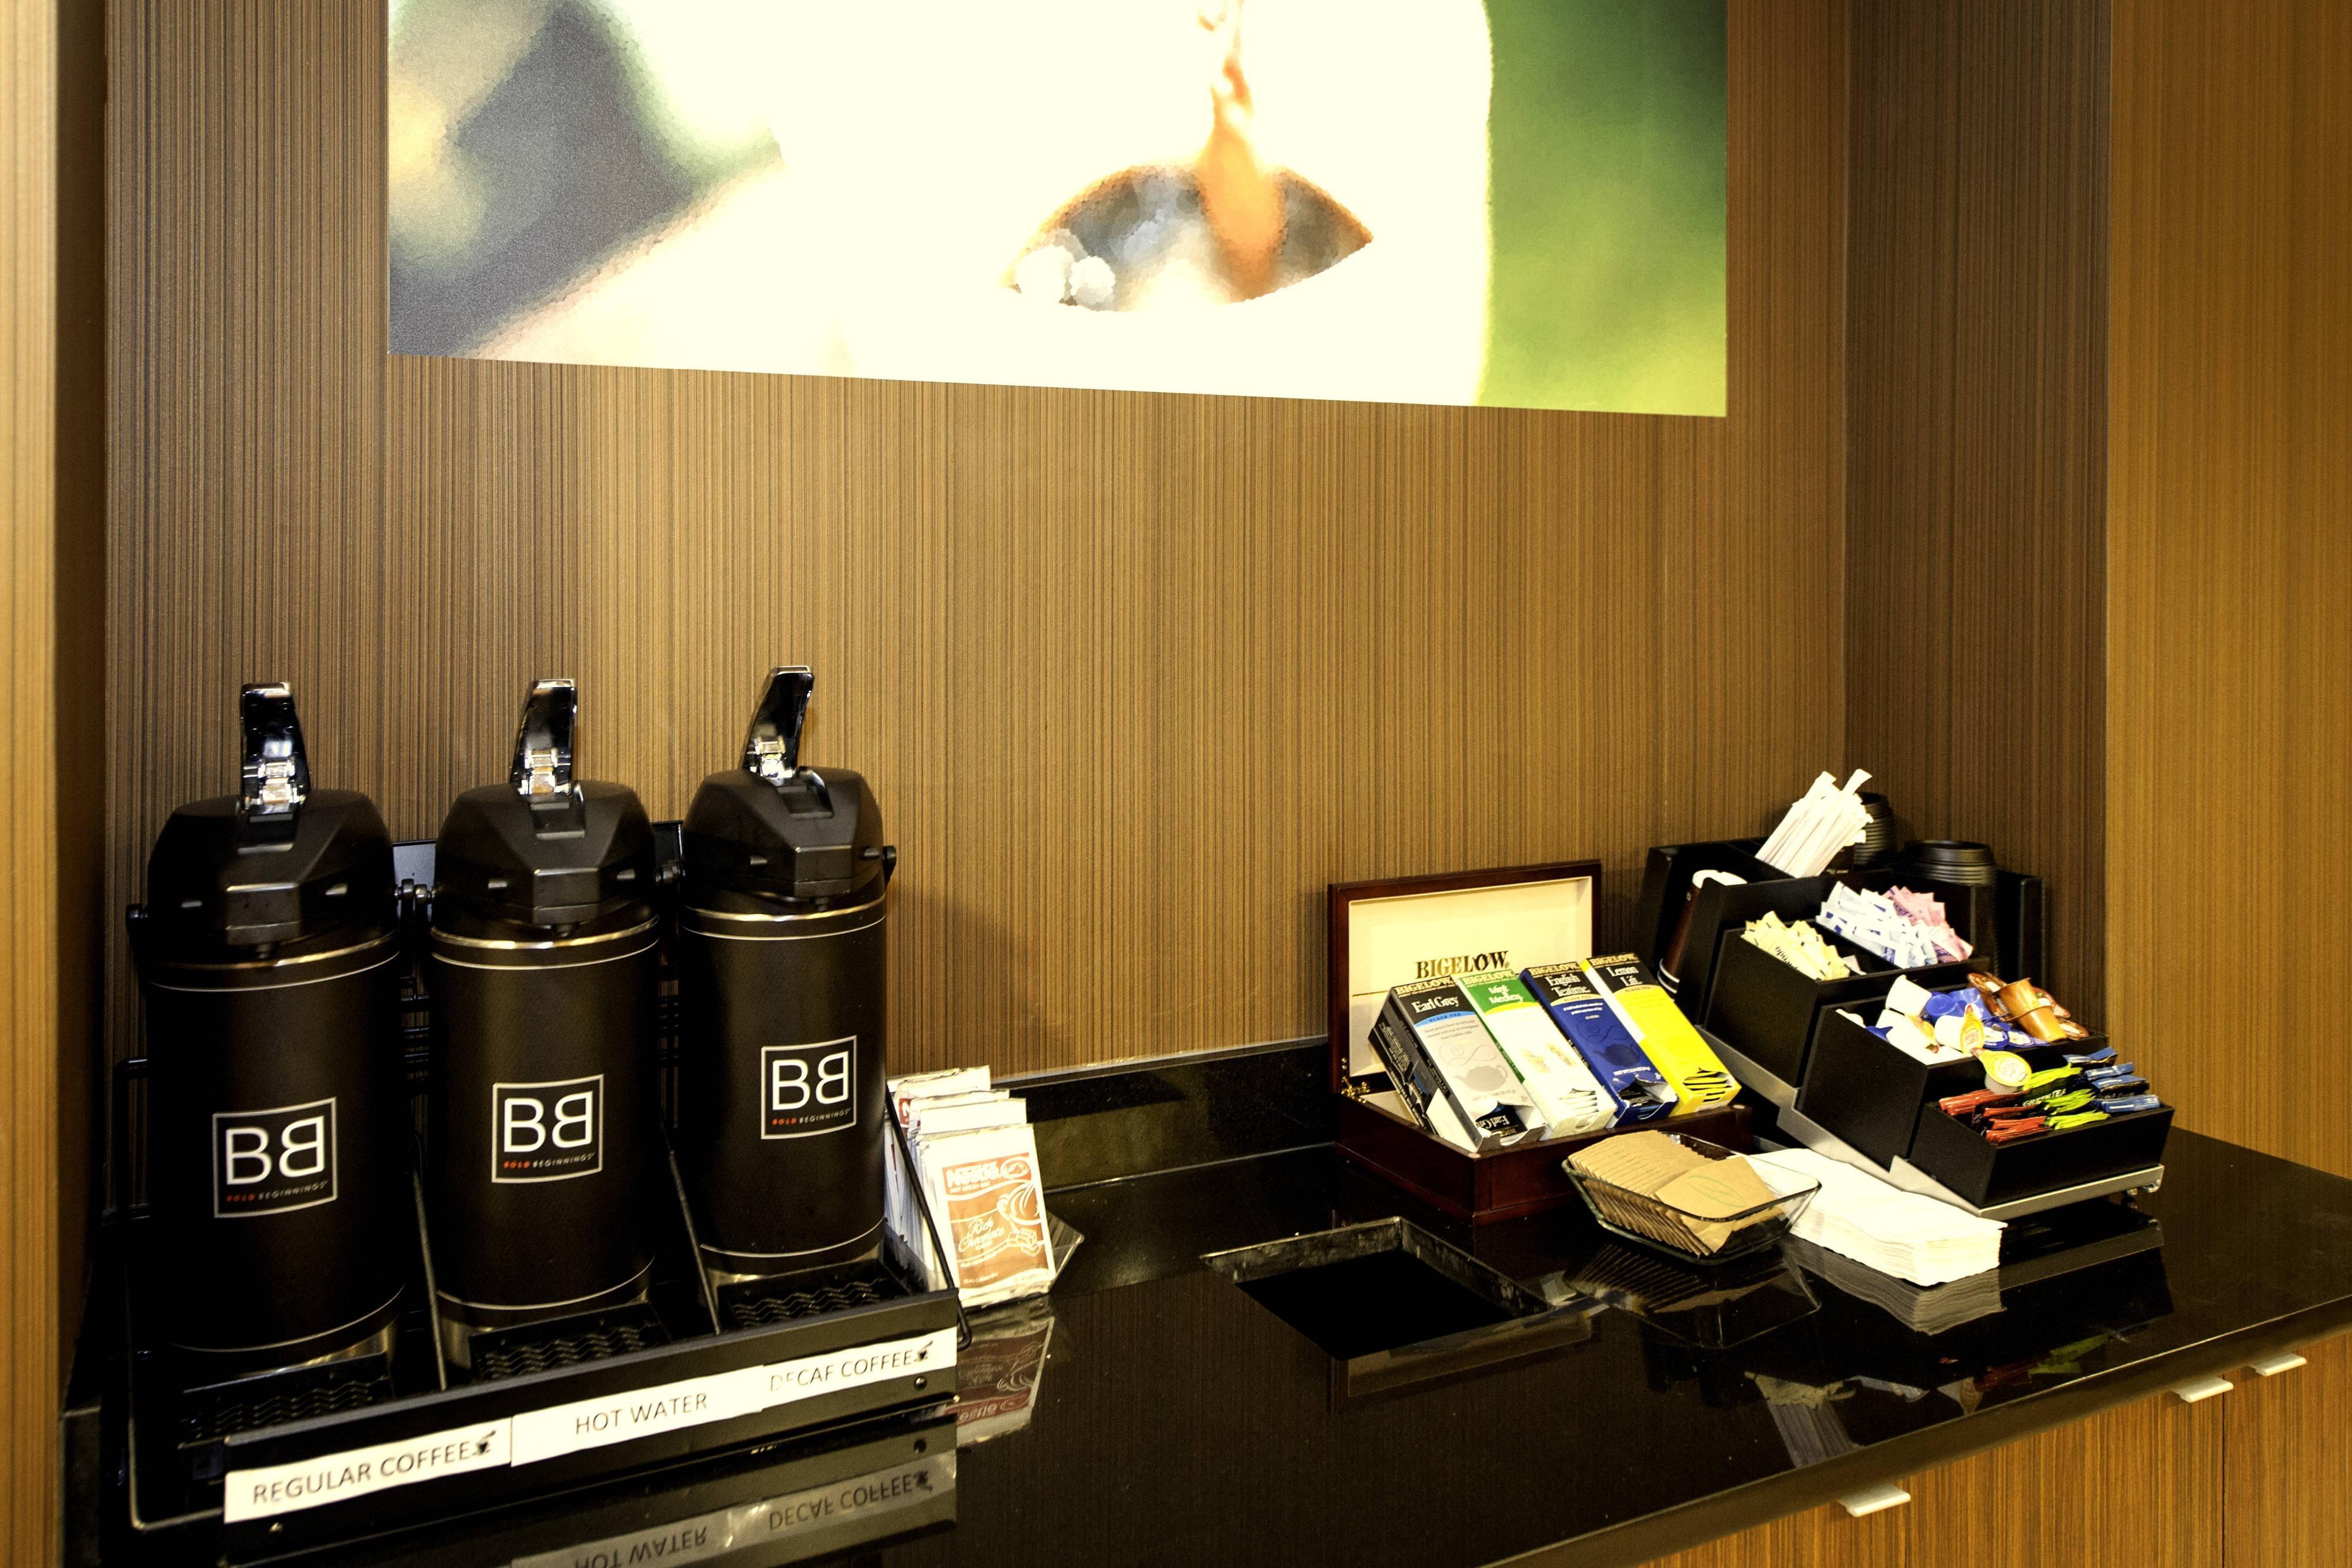 Guest Coffee Bar